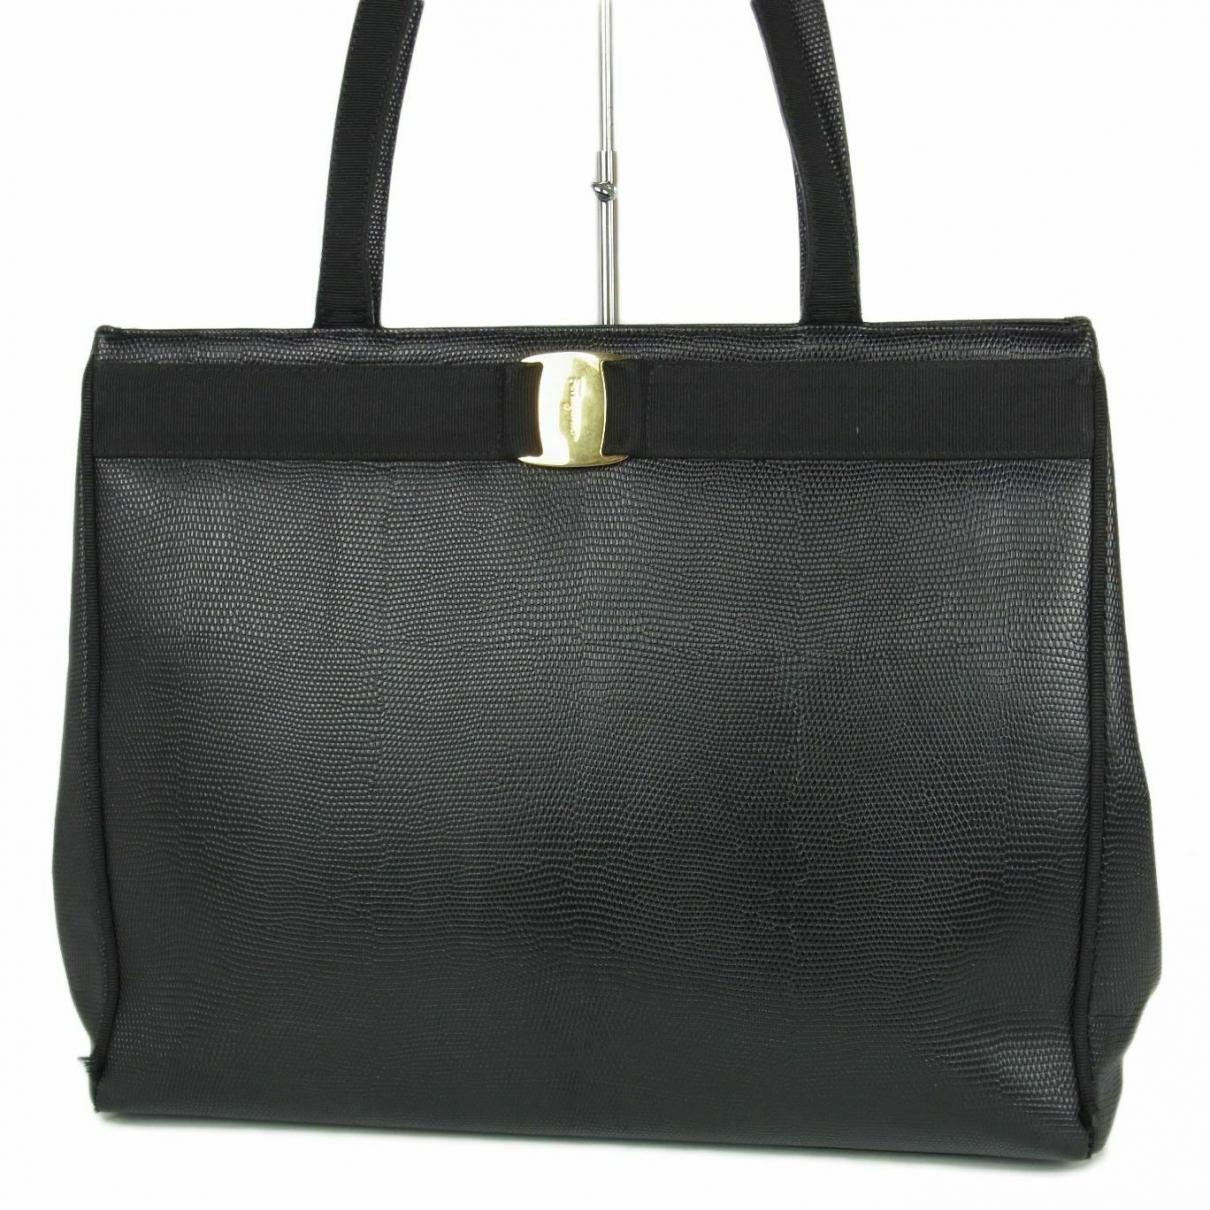 Salvatore Ferragamo \N Handtasche in  Schwarz Leder